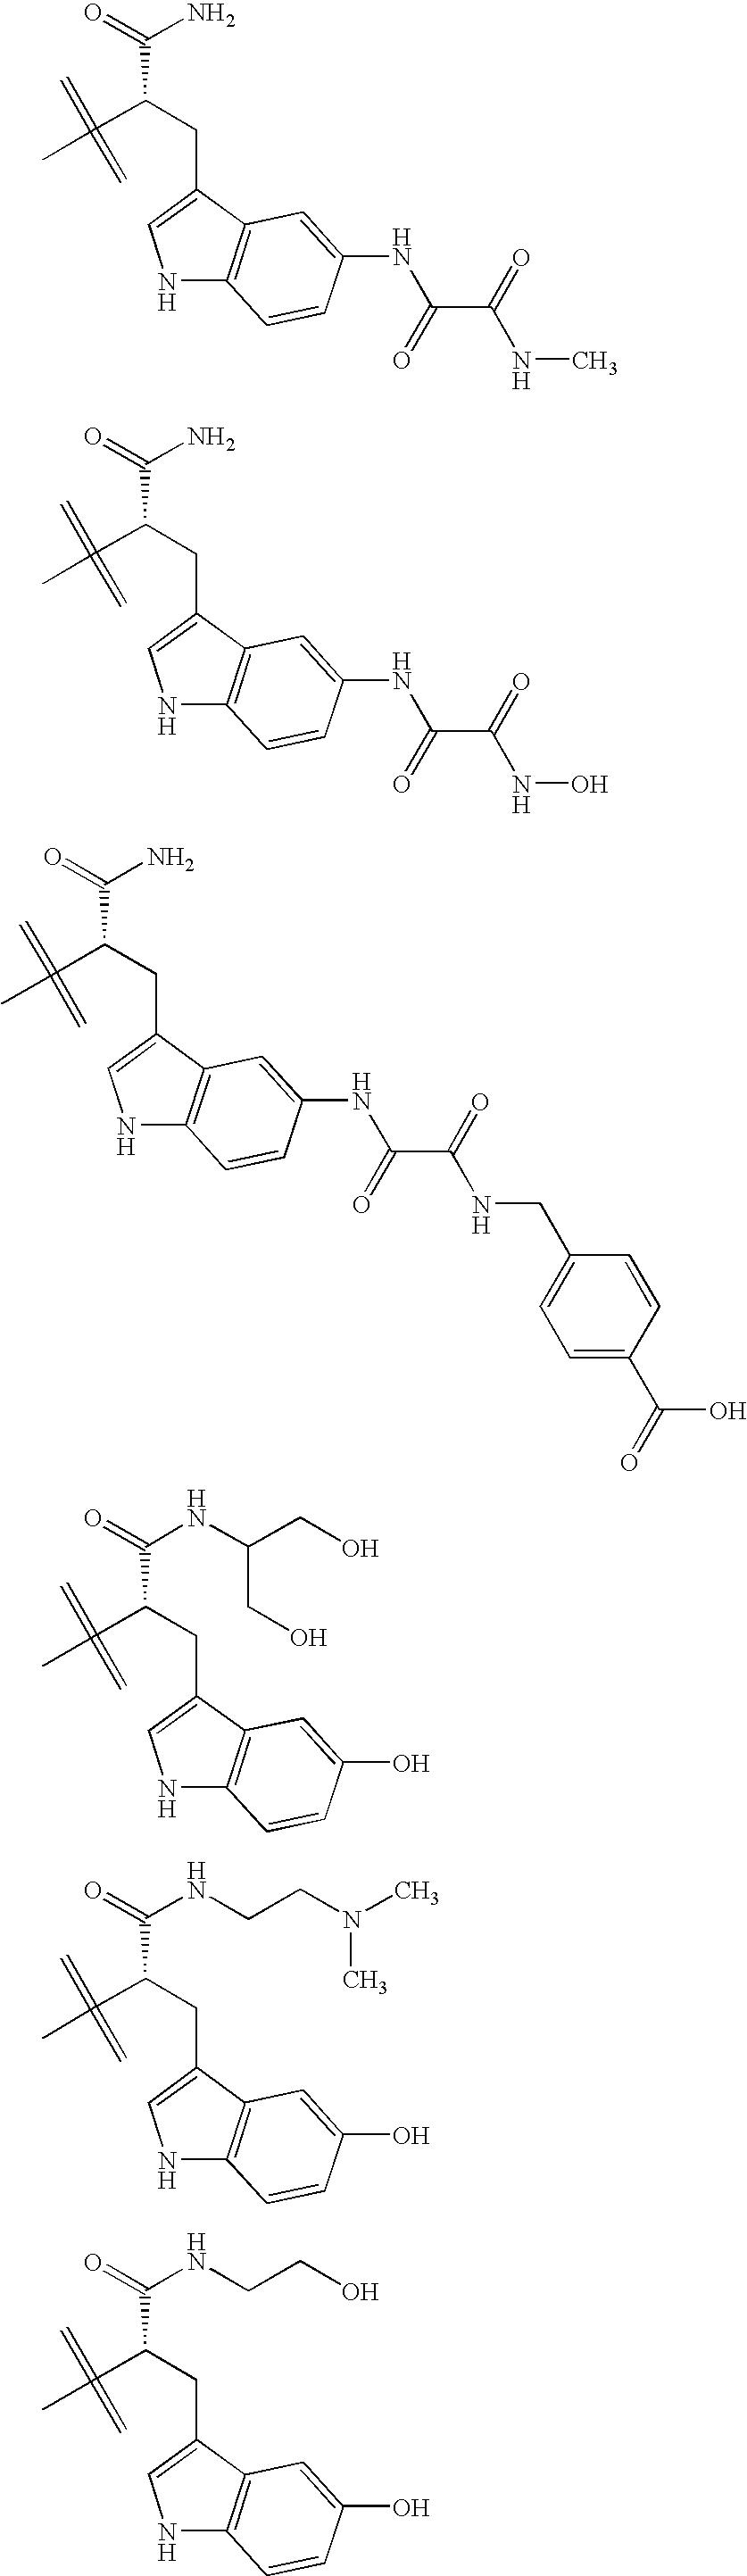 Figure US20070049593A1-20070301-C00123